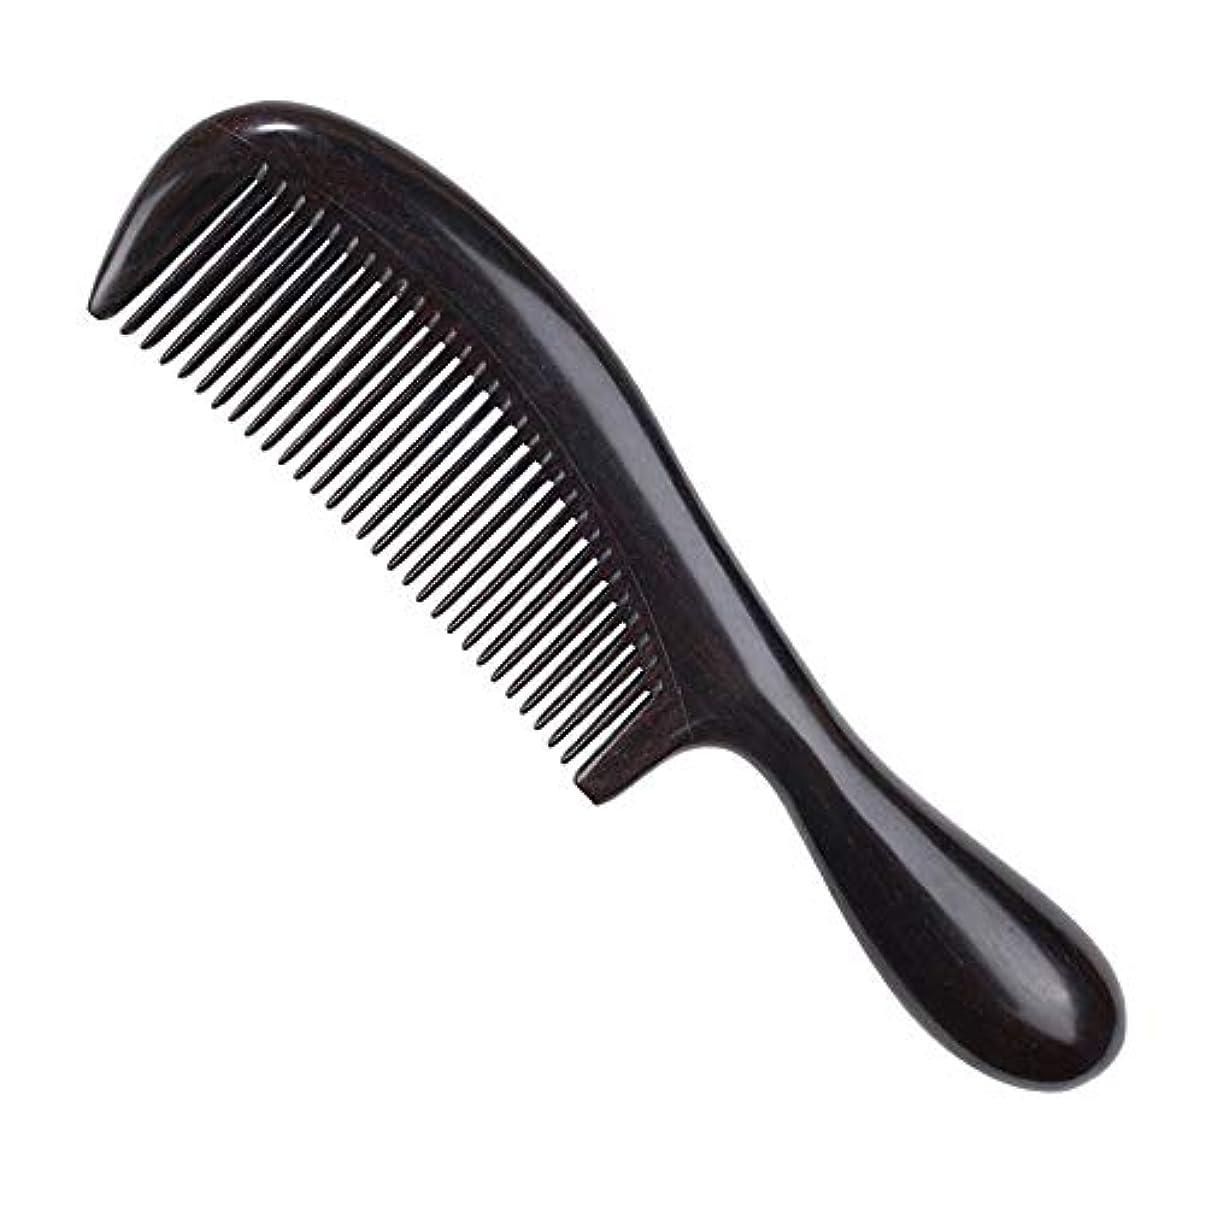 擬人ネブ組み合わせヘアーコーム ワイド歯ブラシ櫛毛ブラシフラットヘッド帯電防止高温櫛 理髪の櫛